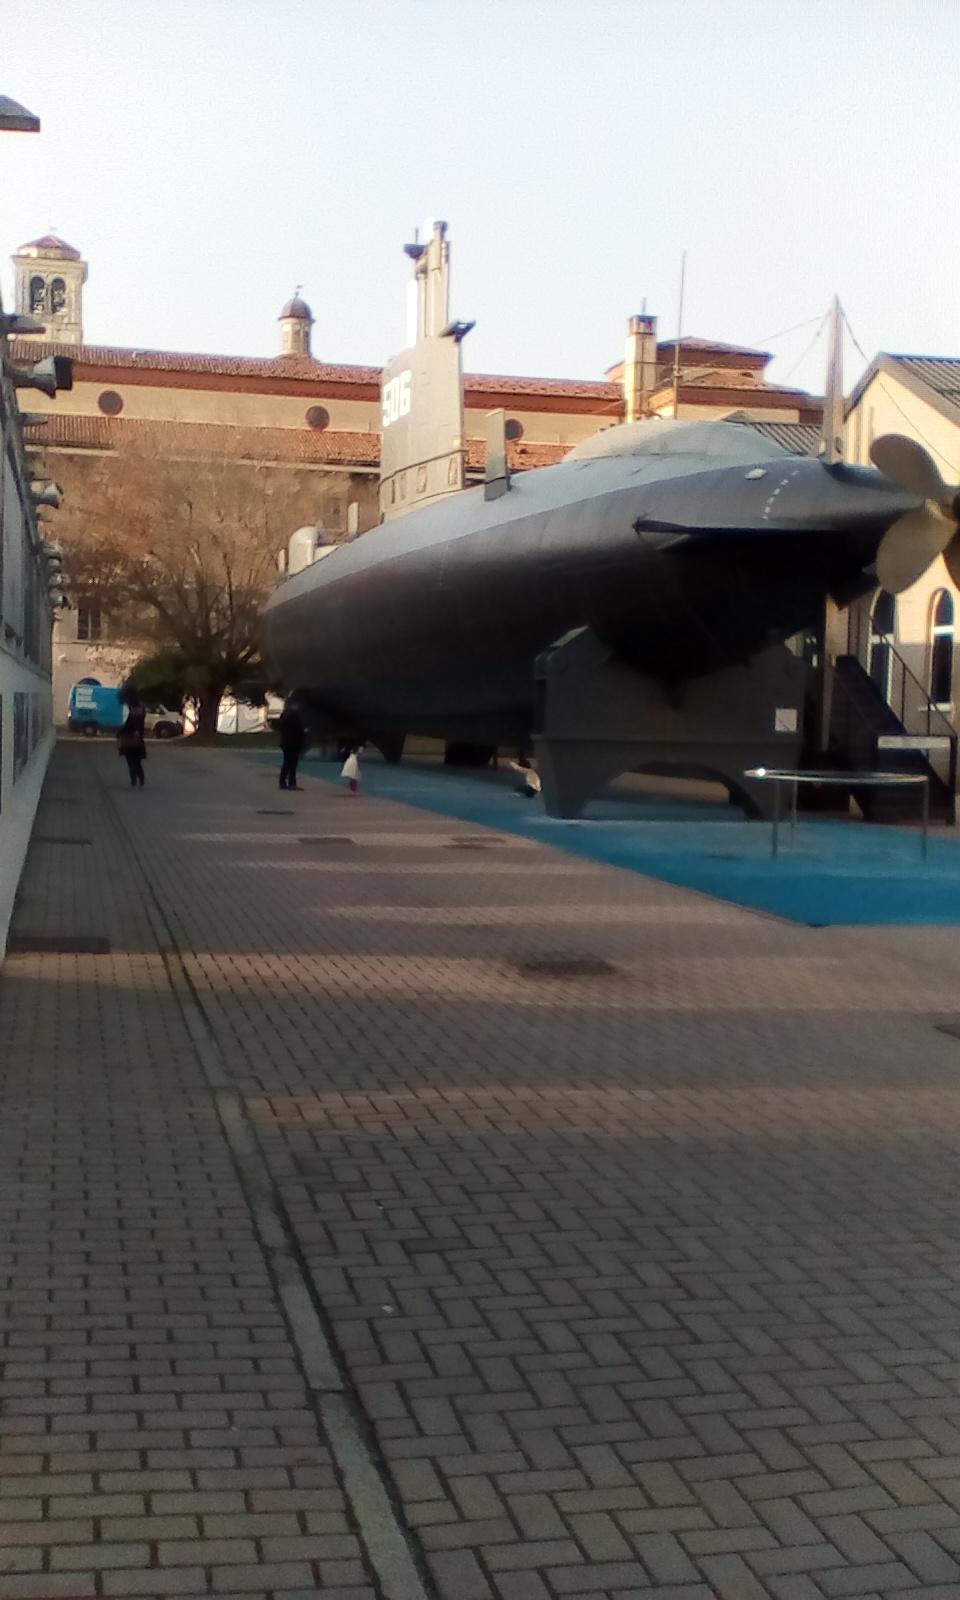 Μιλάνο μουσείο τεχνολογίας